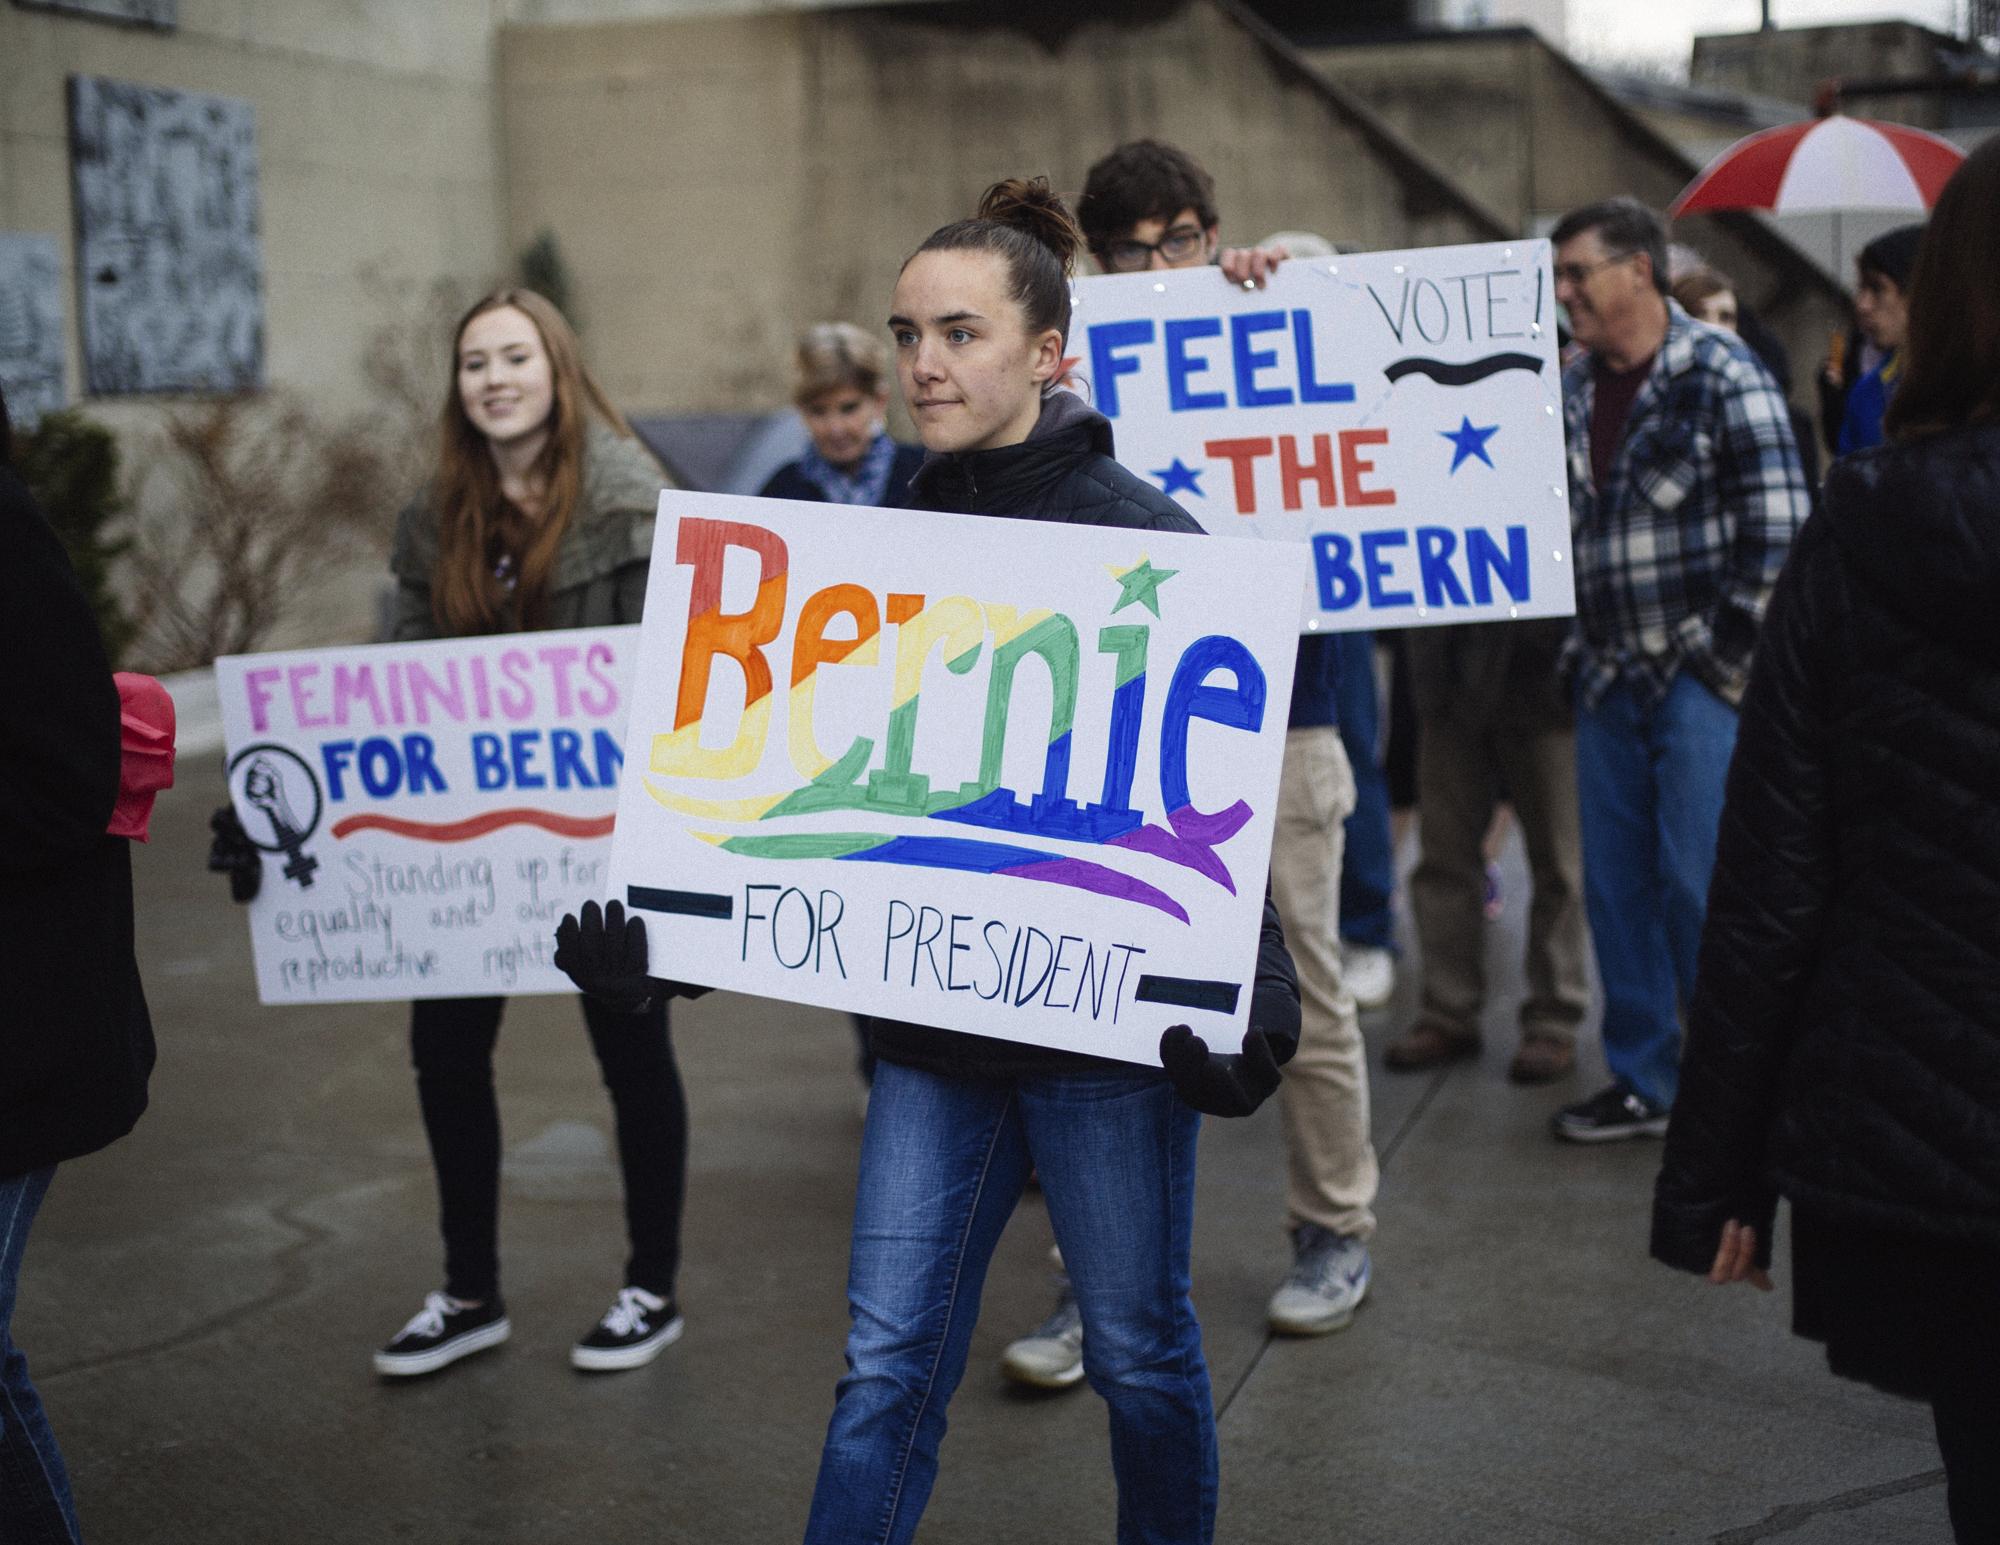 Bernie Sanders supporters